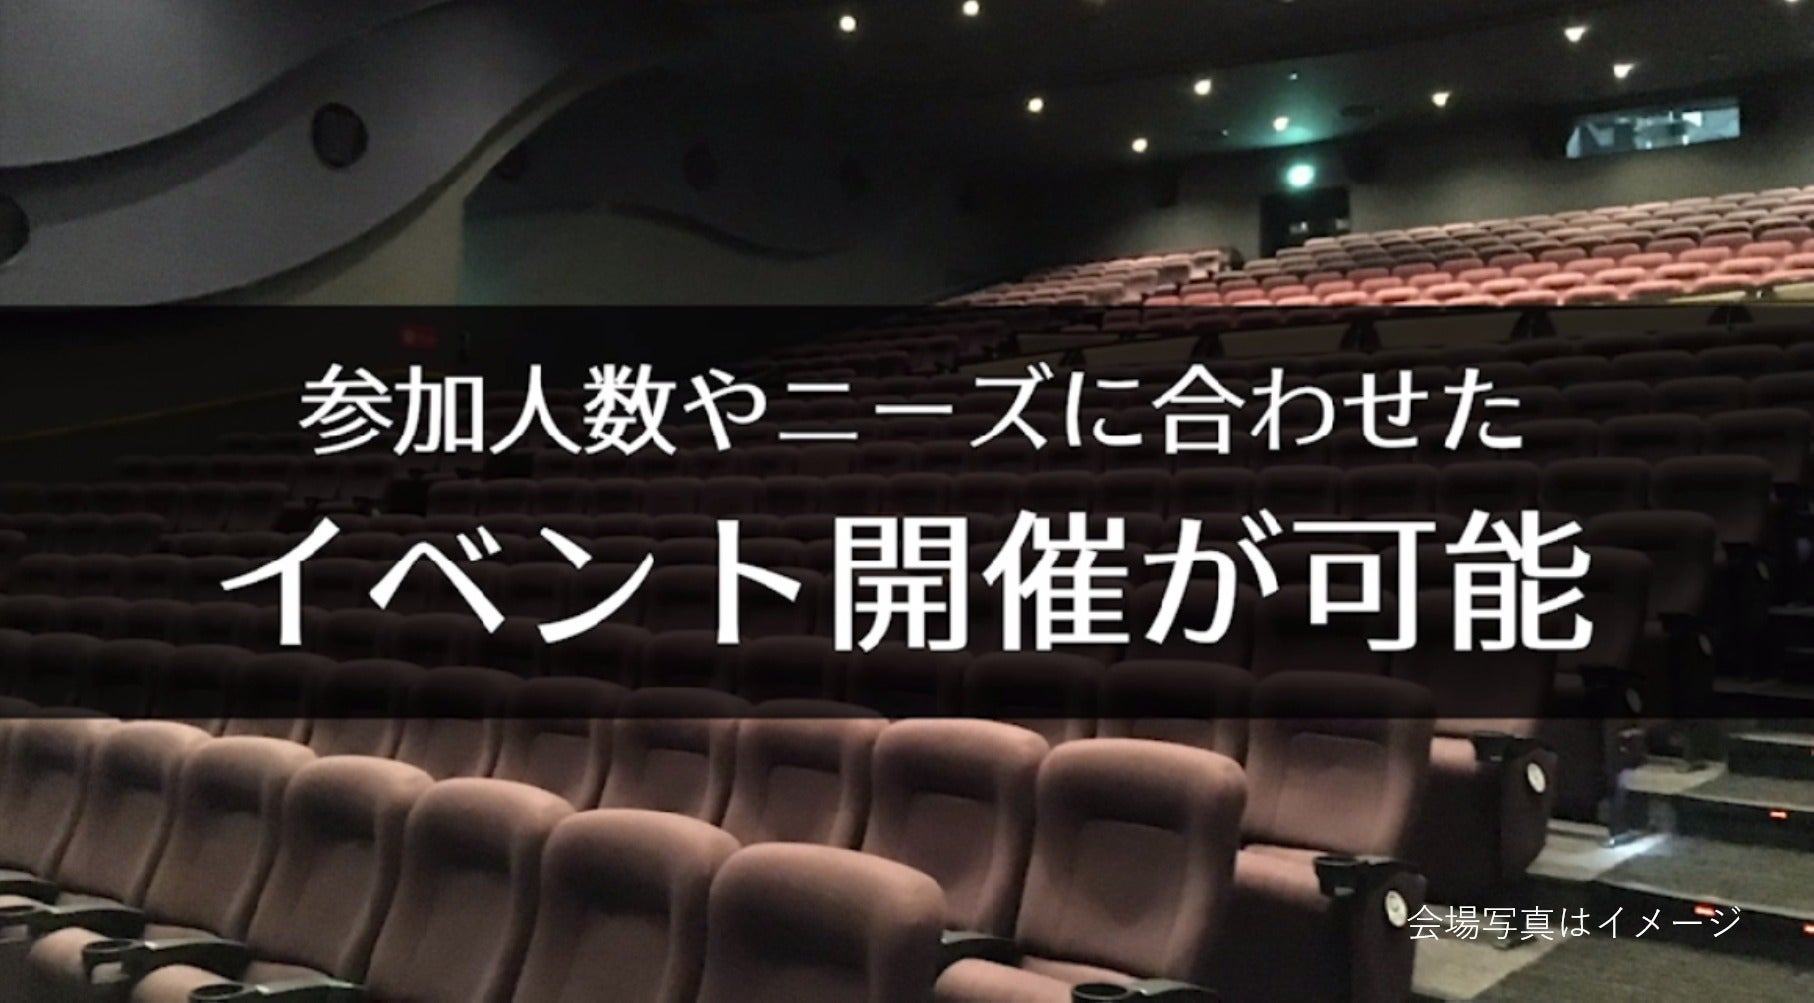 【新潟 309席】映画館で、会社説明会、株主総会、講演会の企画はいかがですか?